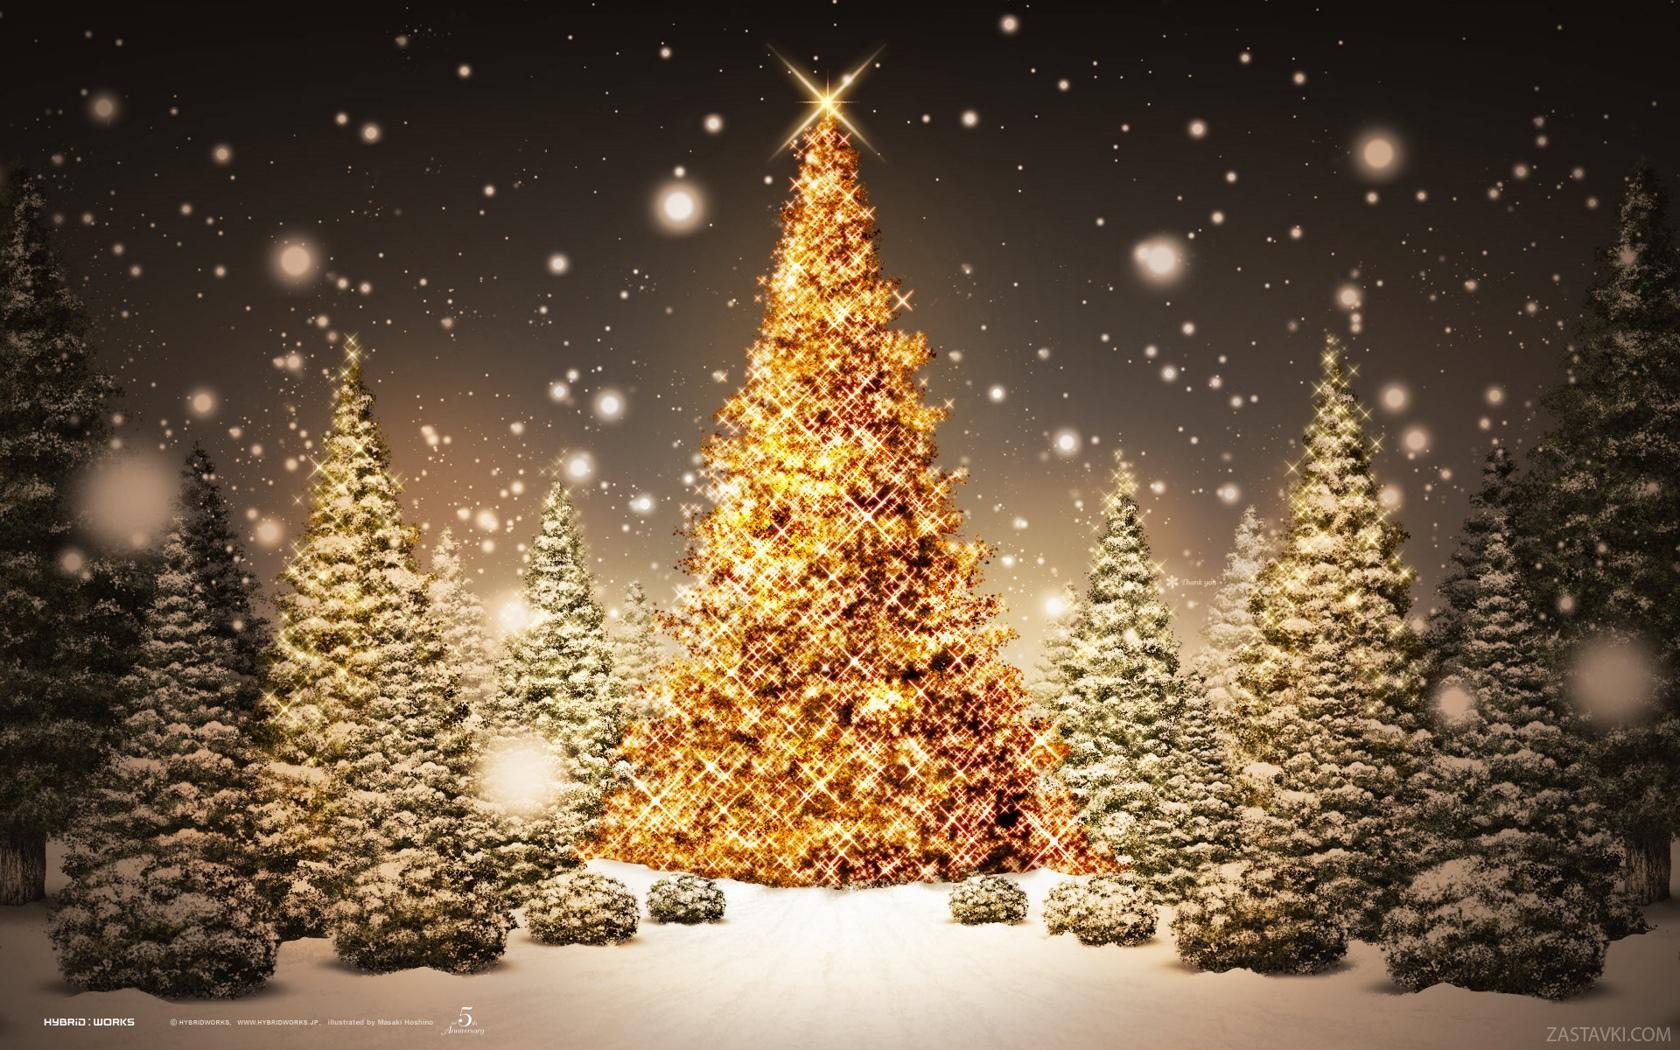 Boże Narodzenie wolne pokoje zakopane